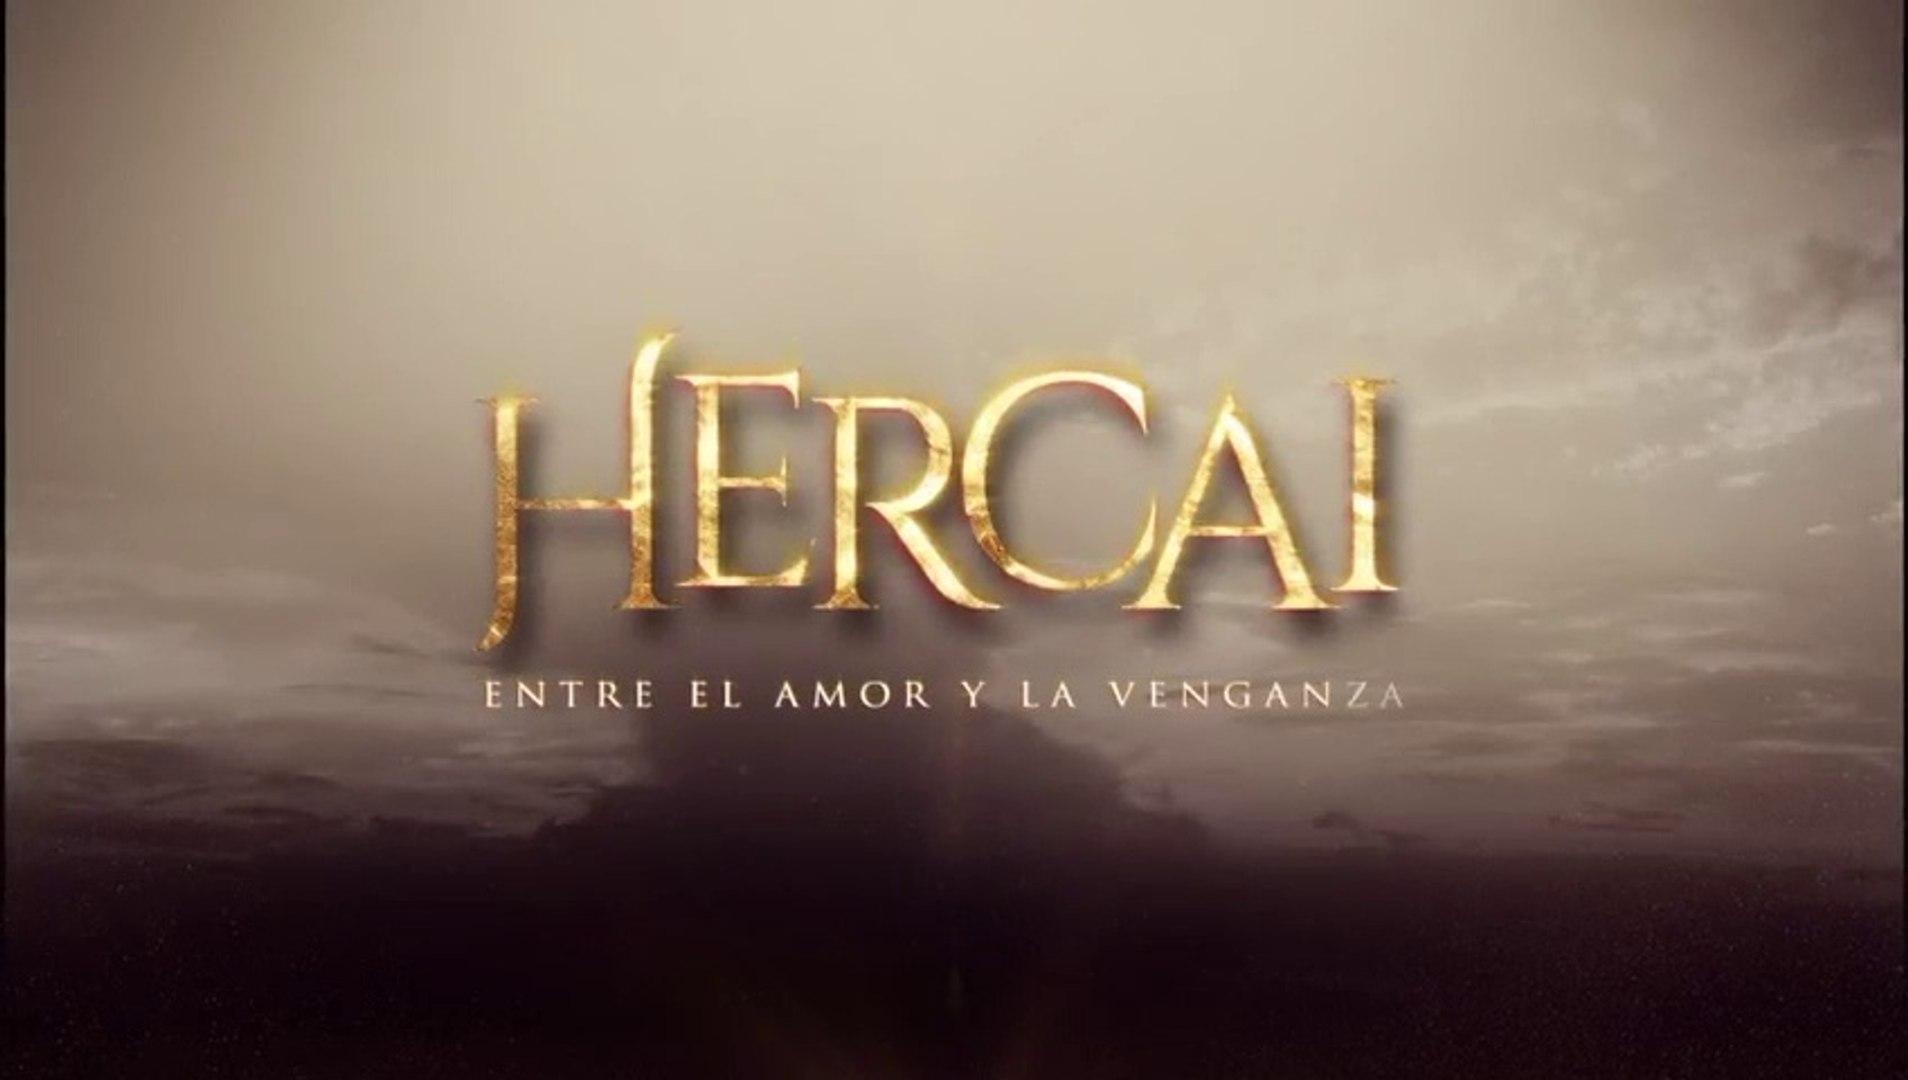 Ver Capitulo 34  de Hercai